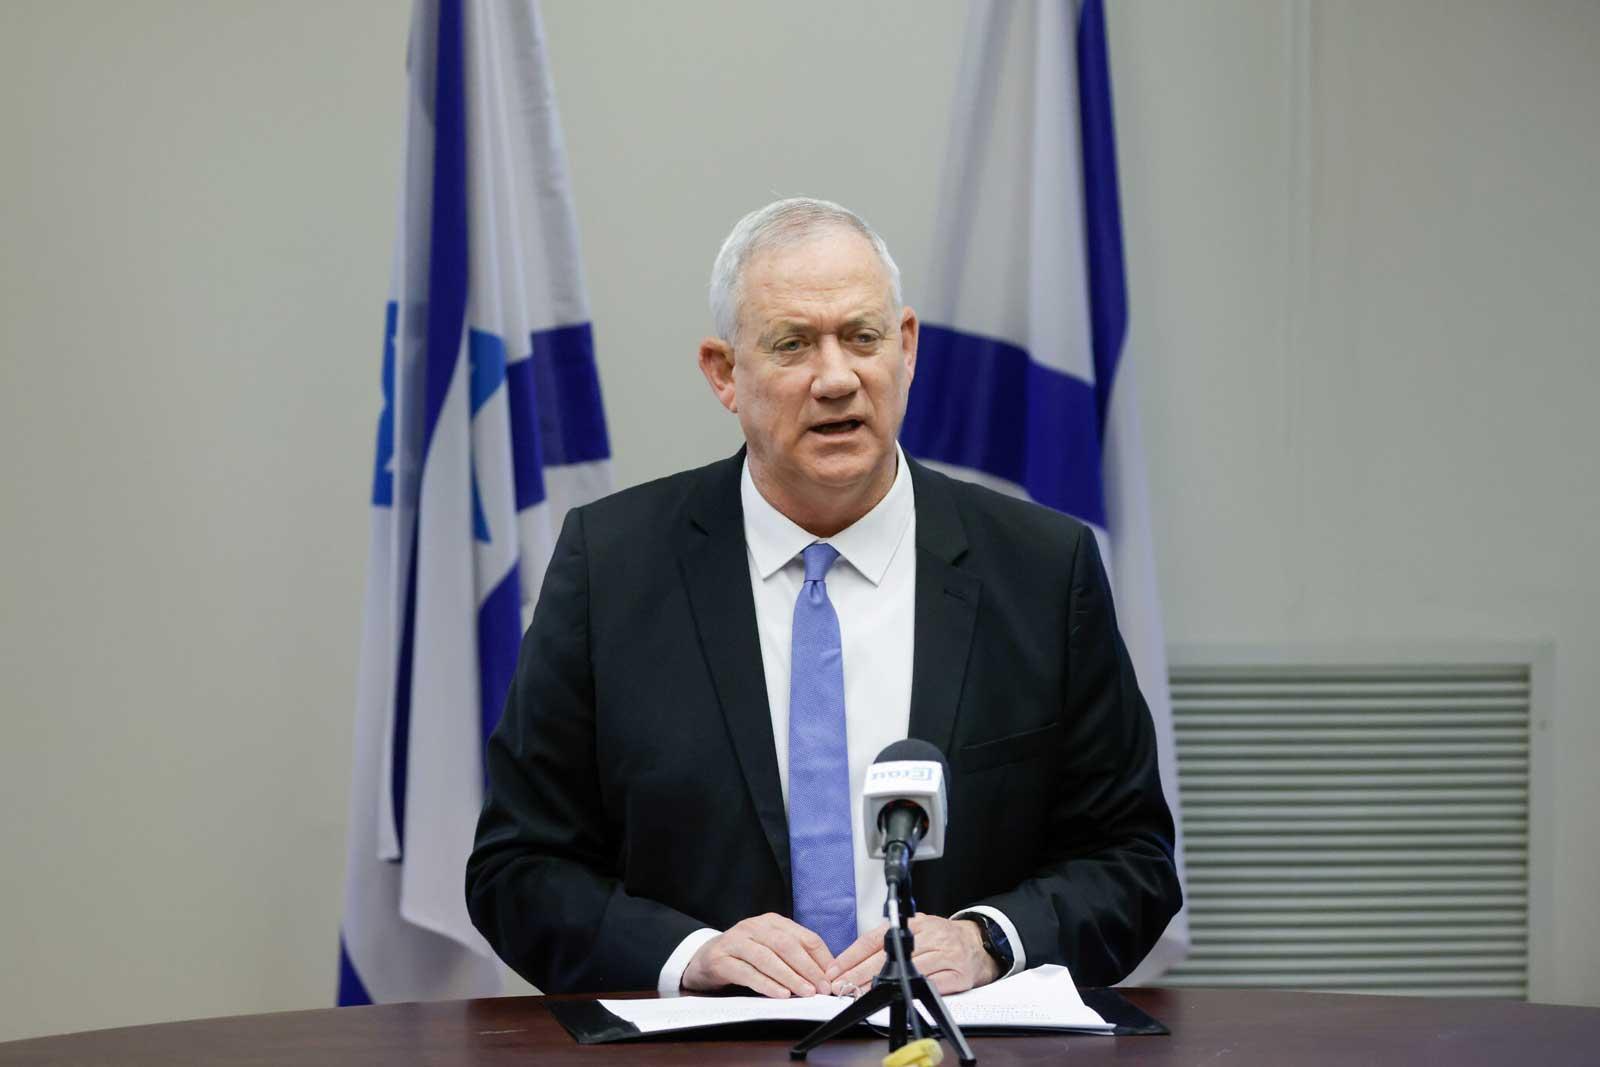 Ministro de Defensa israelí conversa con el presidente palestino Mahmoud Abbas